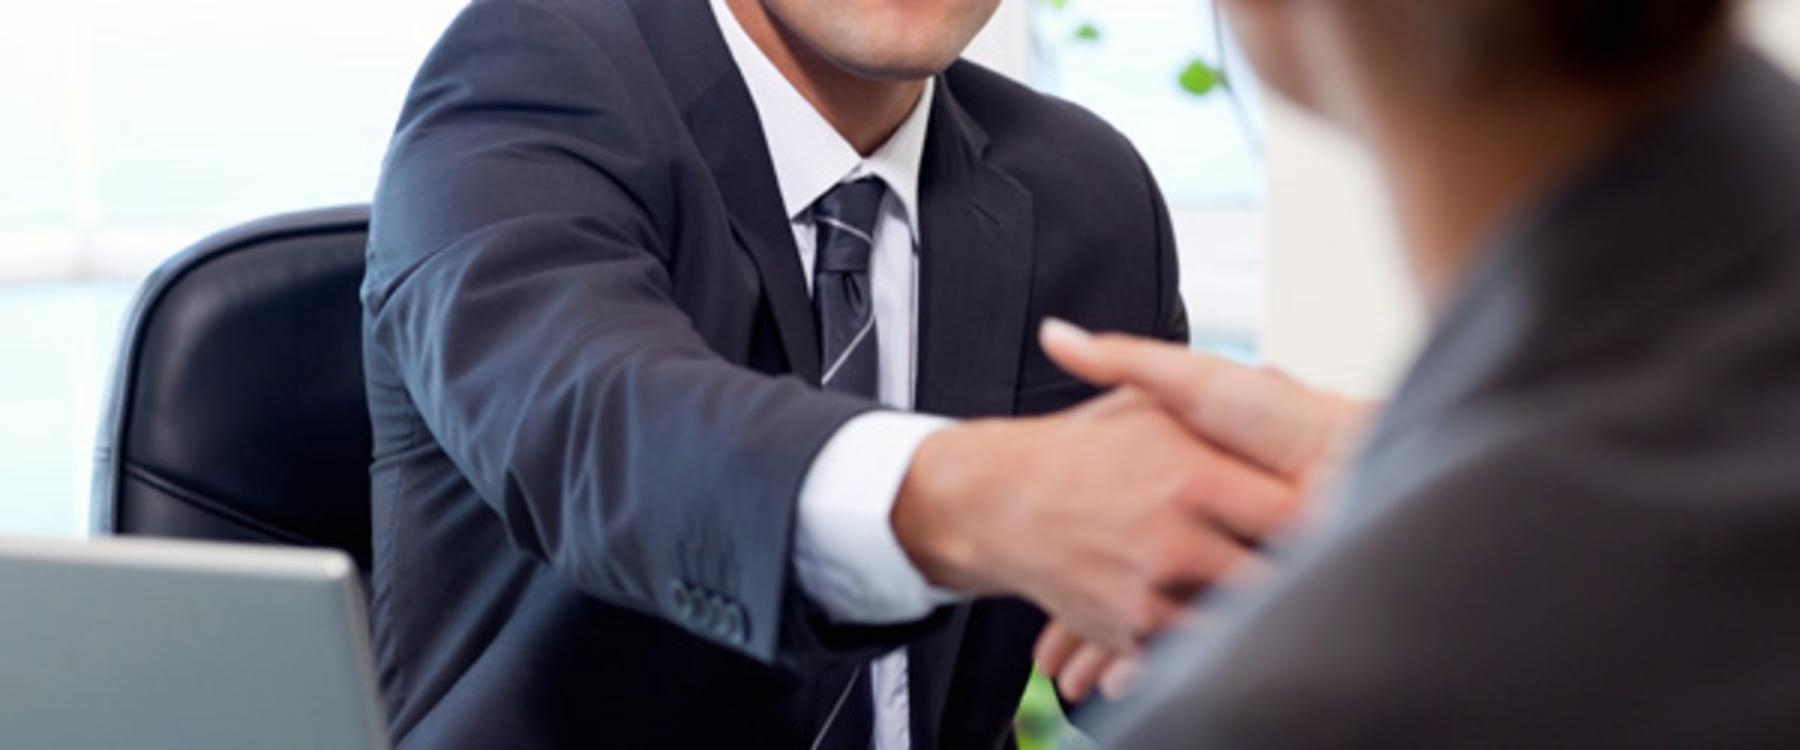 Agente di commercio offerte lavoro - Offerte di lavoro piastrellista ...